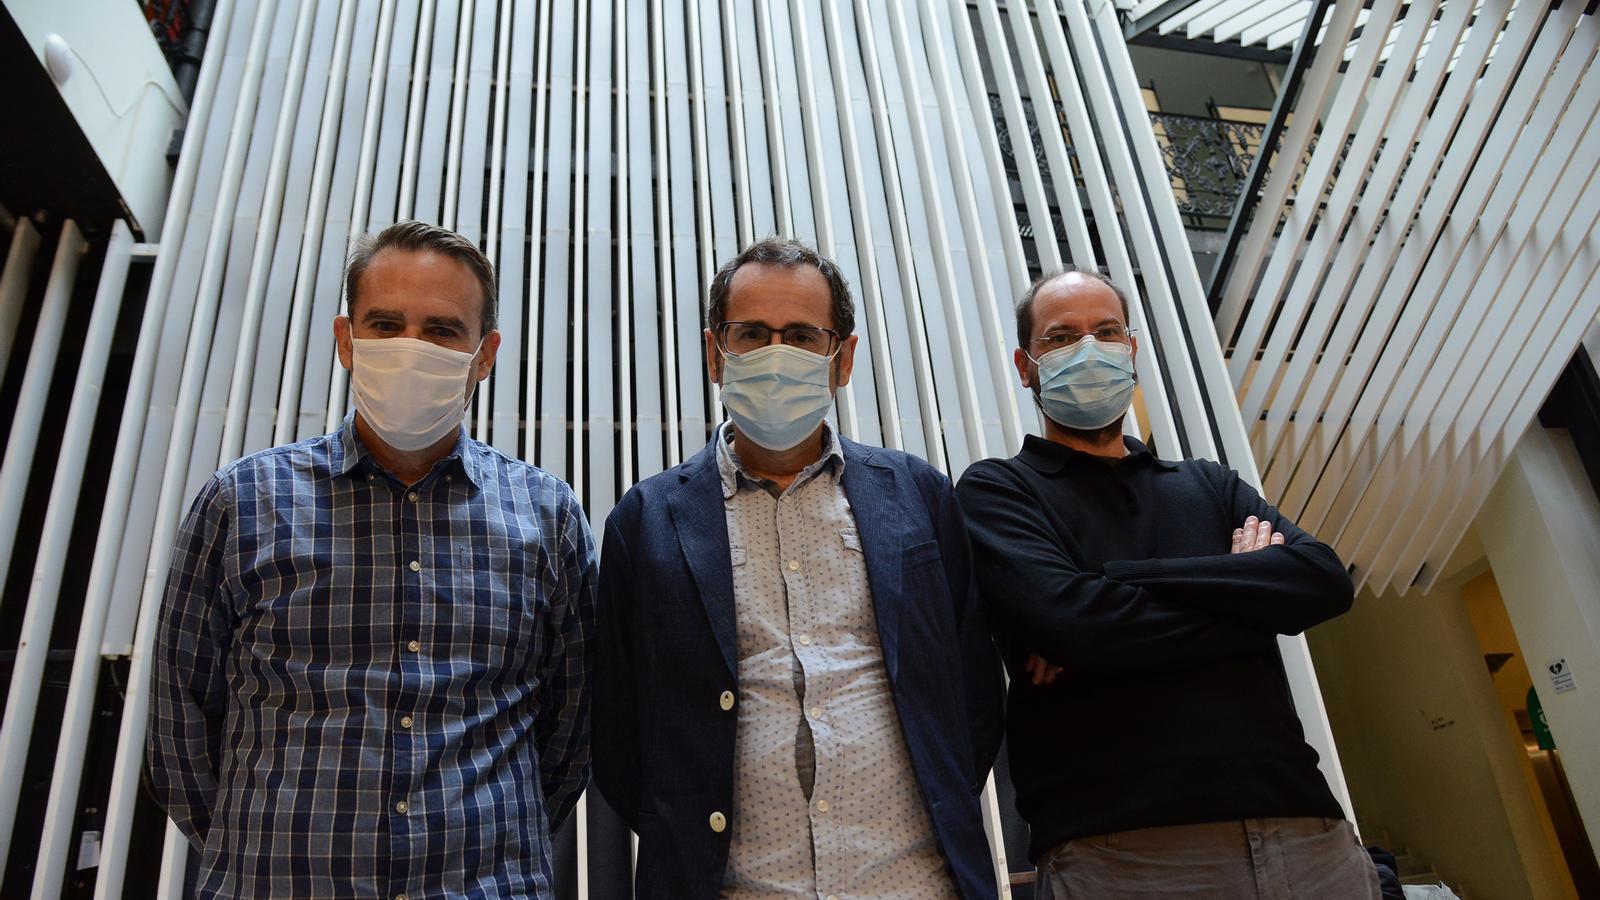 Ramon, Valls i Matas, d'esquerra a dreta de la imatge